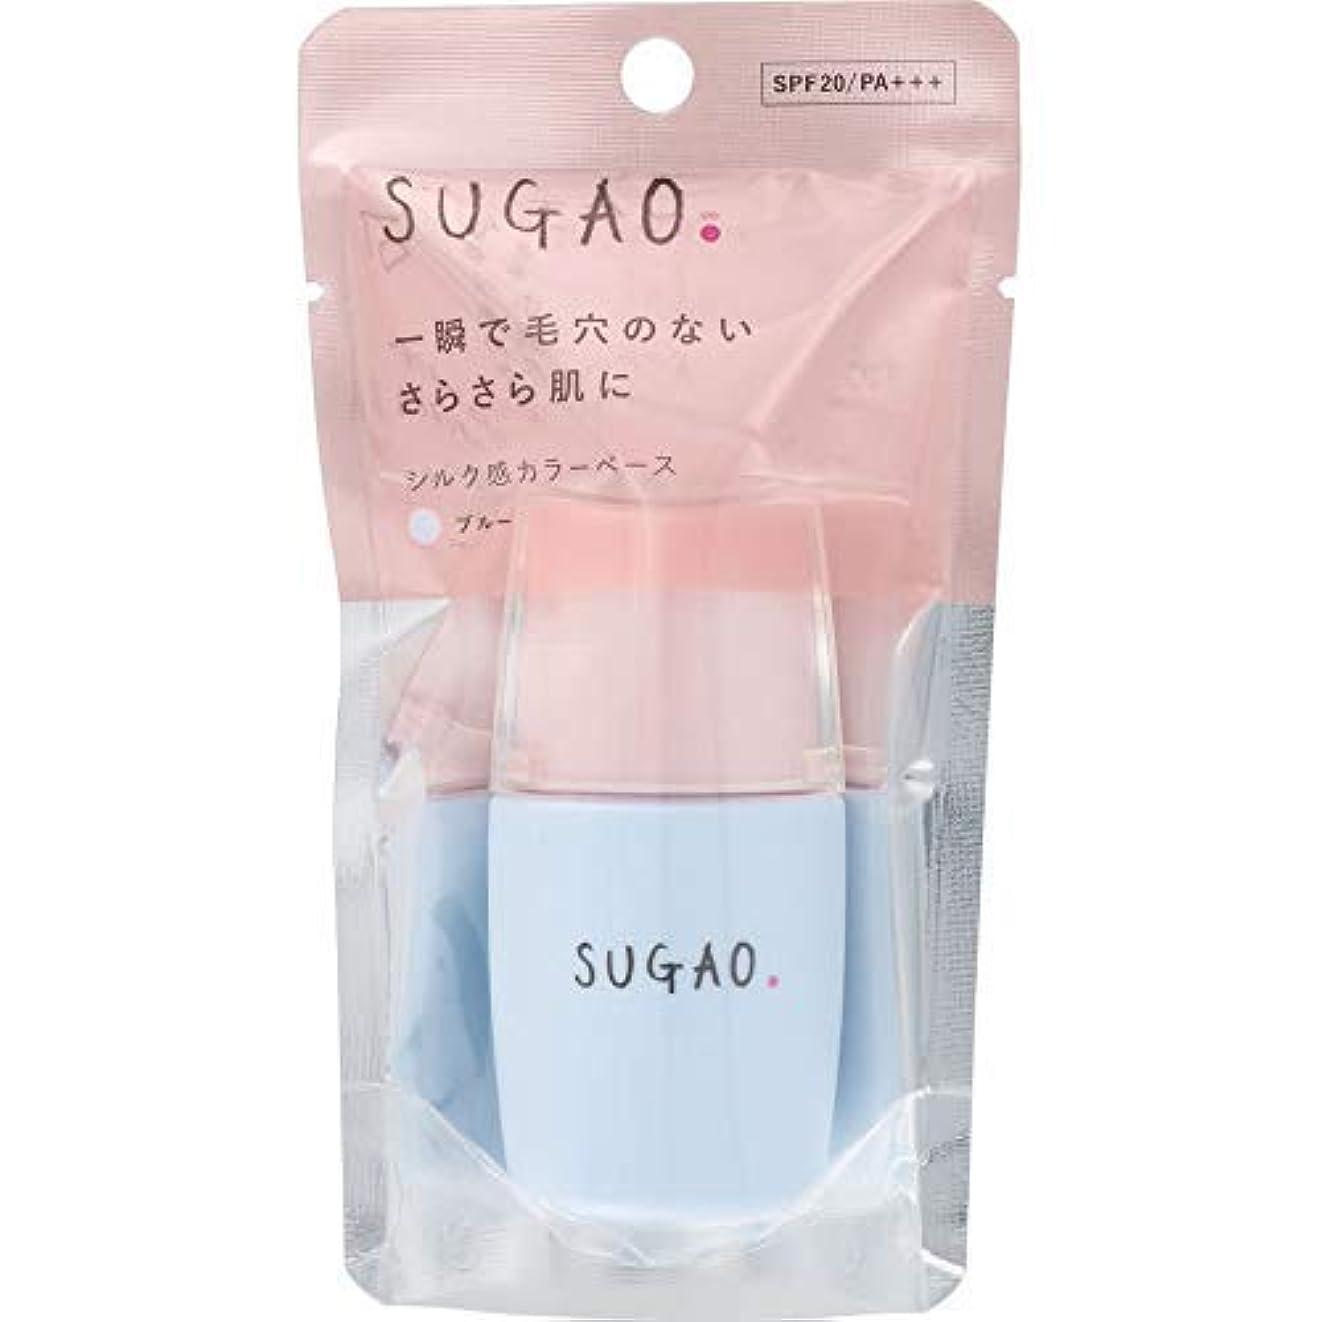 真面目な非難する恒久的SUGAO シルク感カラーベース ブルー × 9個セット